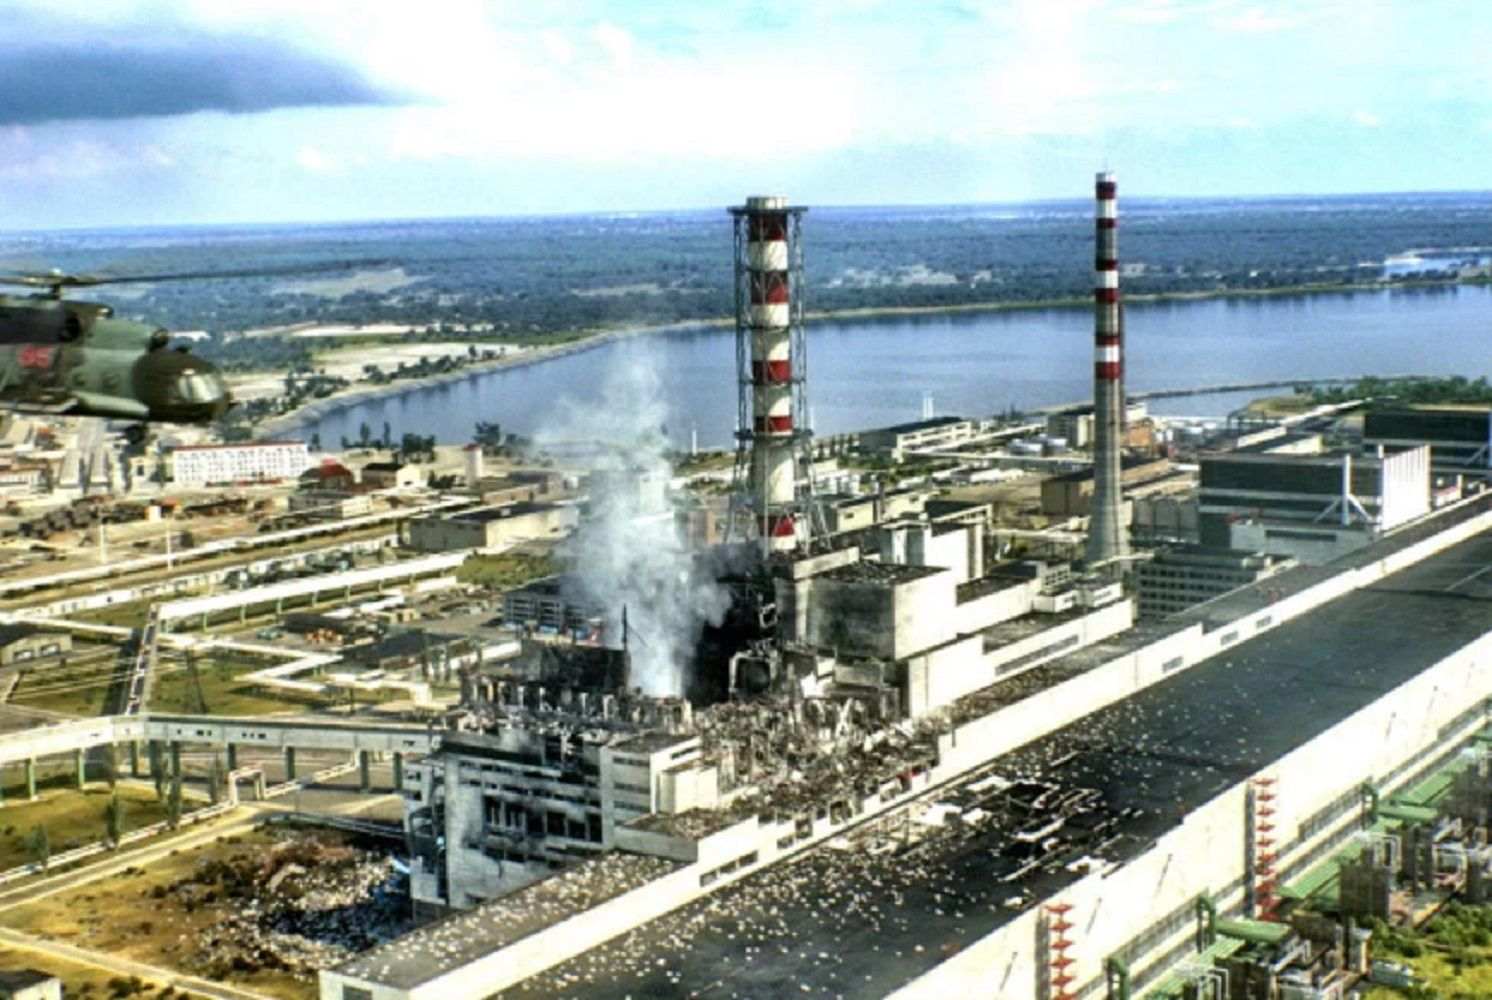 Un trabajador de Chernobyl se quitó la vida después de mirar la serie